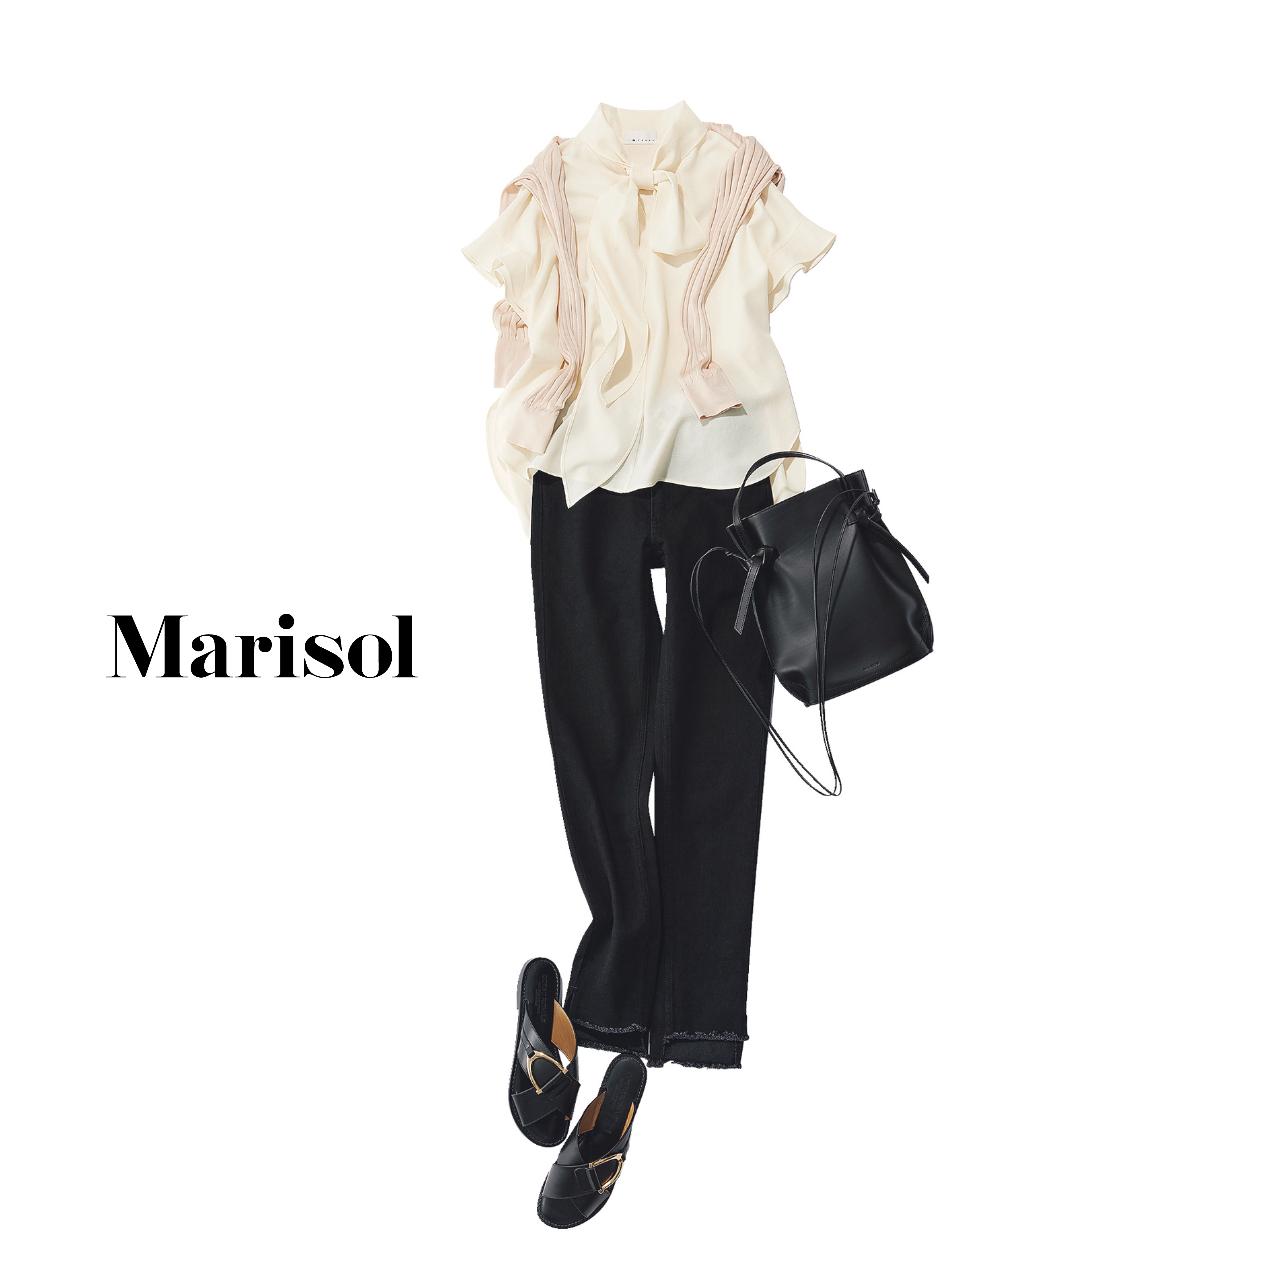 40代ファッション   ボウタイブラウス×黒パンツ×サンダル×肩がけニットコーデ